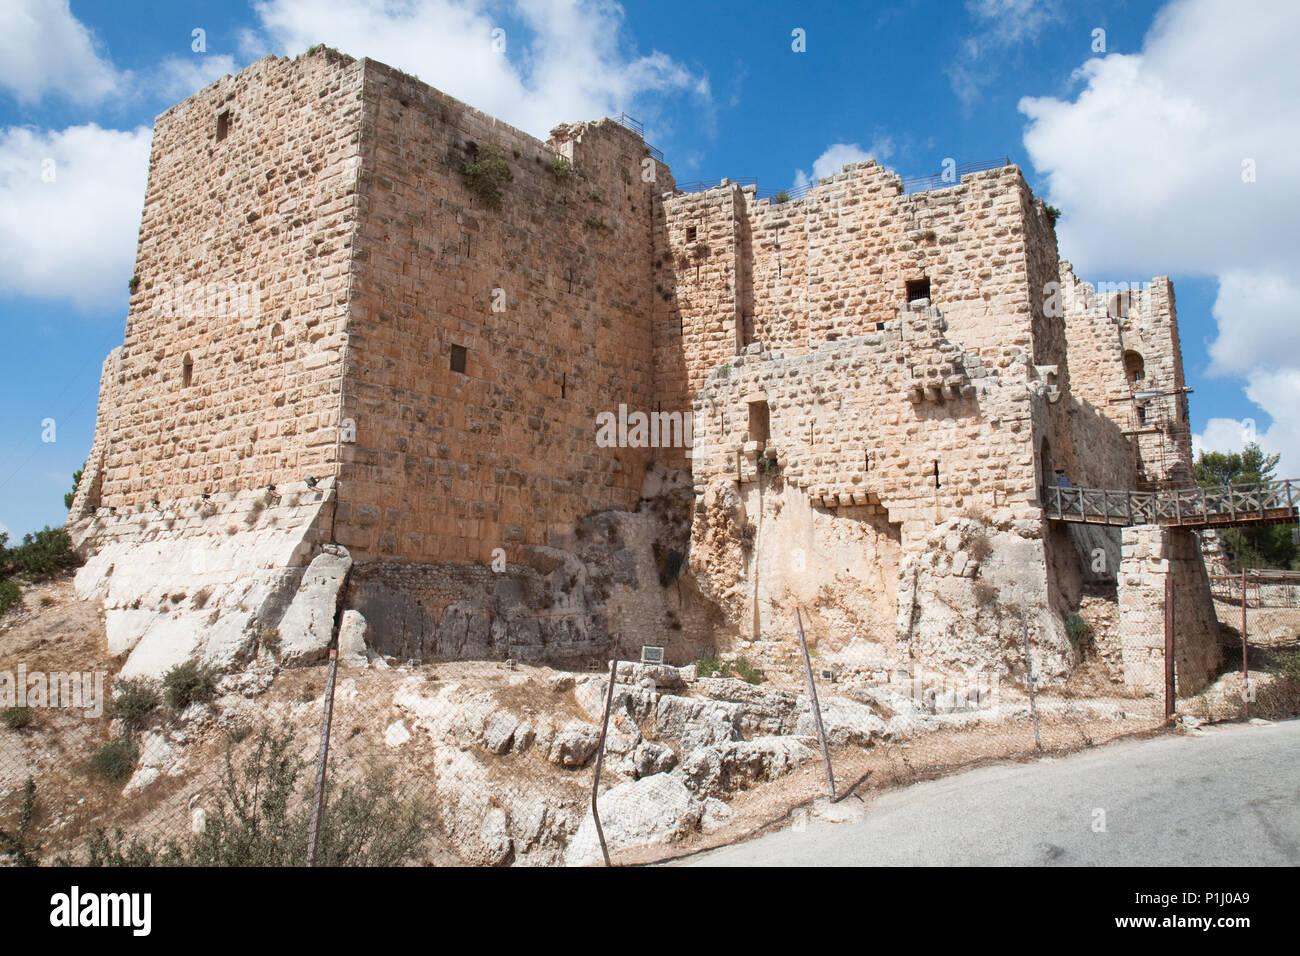 Ajloun fortress. Arab and crusaders fort. Jordan. Stock Photo